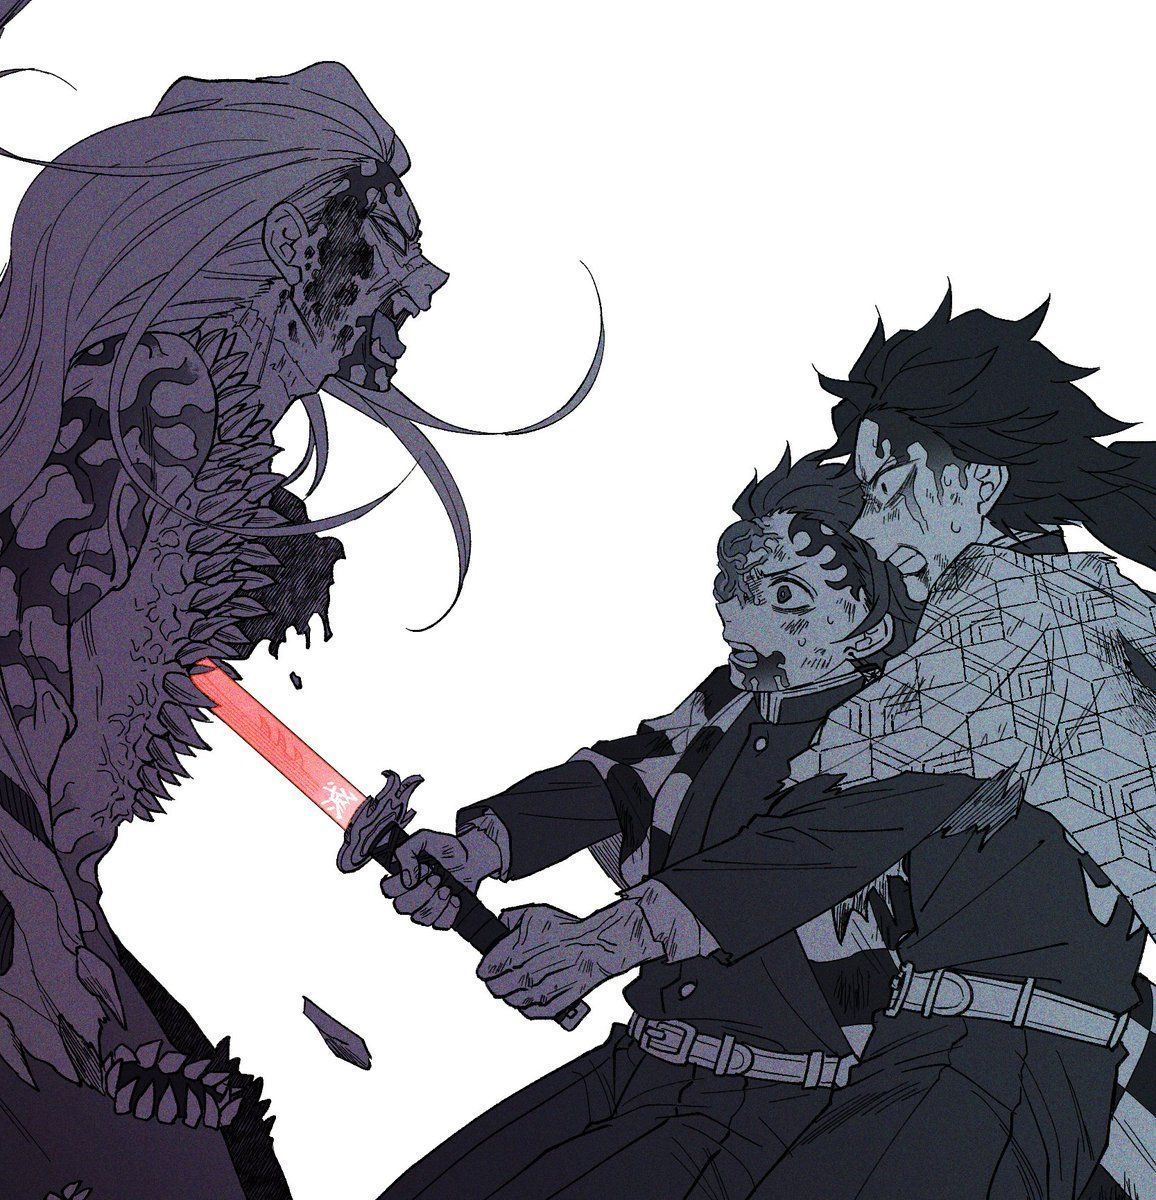 Pin on 鬼滅の刃 in 2020 Anime demon, Slayer anime, Slayer meme